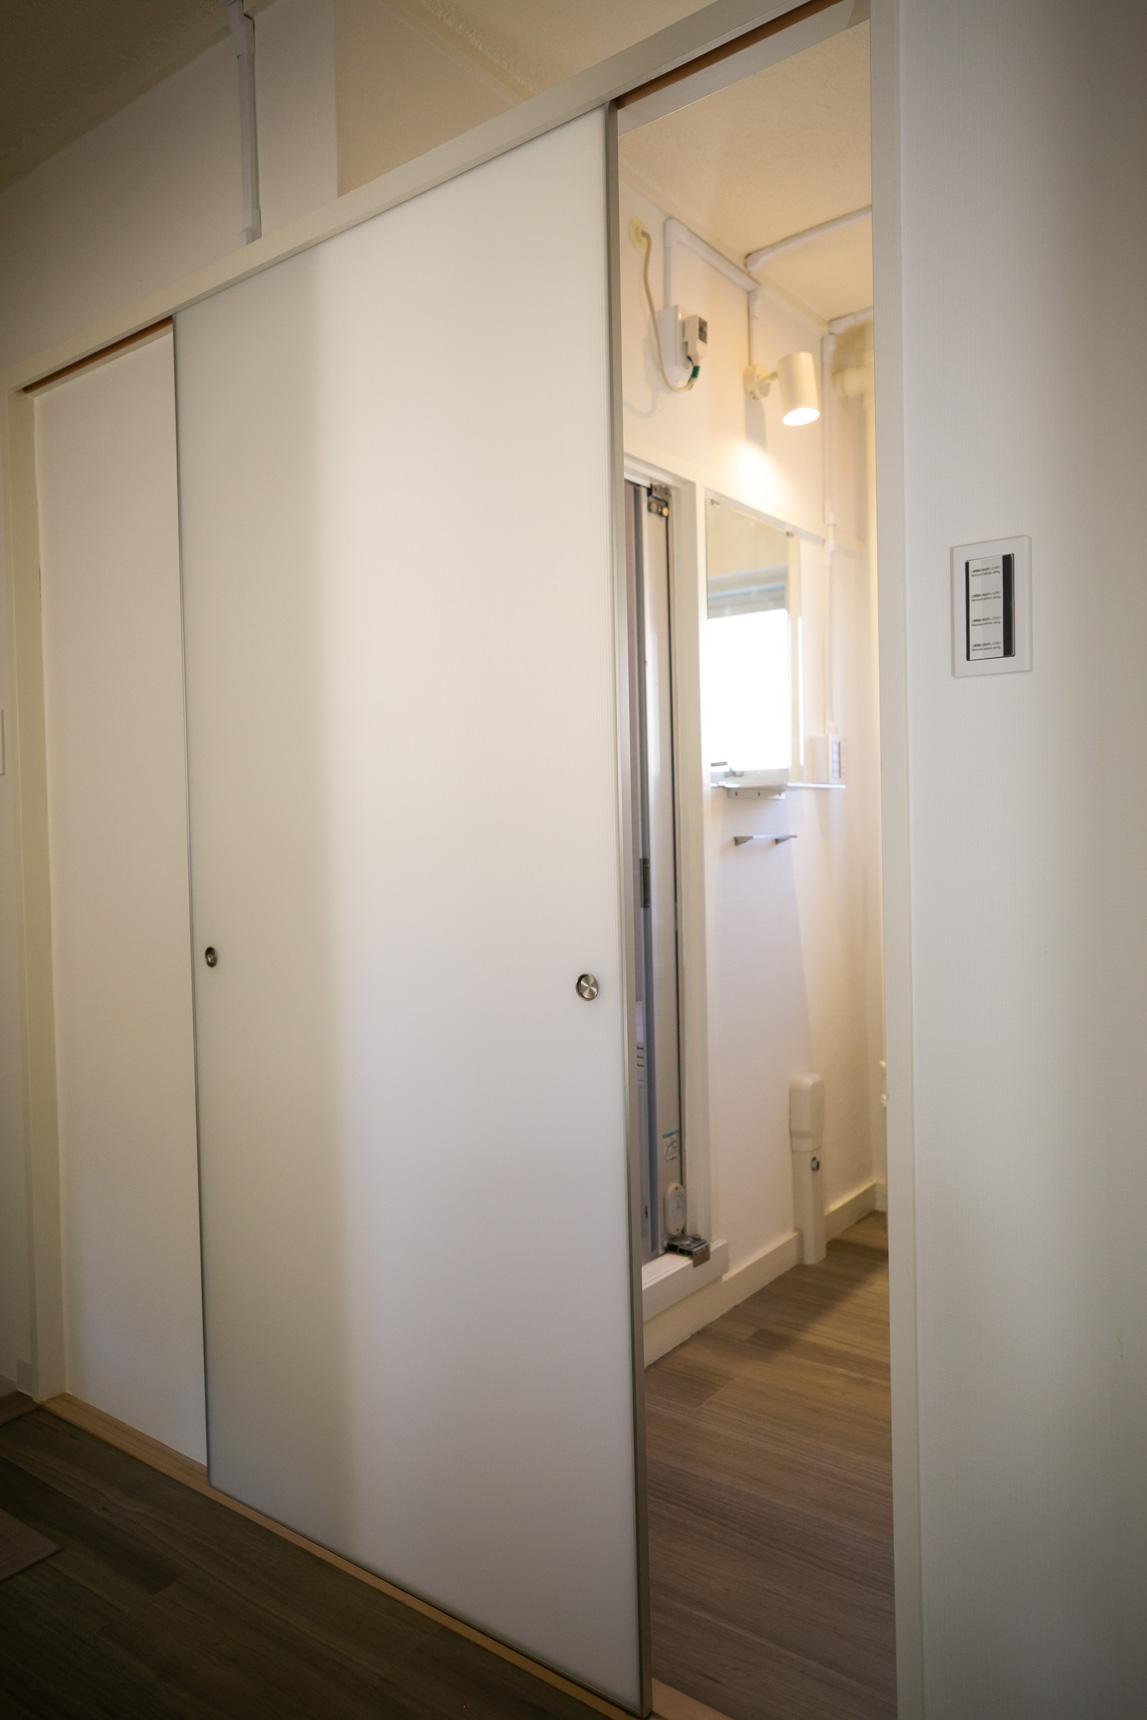 カーテンレールで仕切るタイプだった脱衣所入り口も、新しく引き戸がついていました。この引き戸もデザインが良くていい感じ。陽の光を通す、半透明ふすまが使われているそうです。